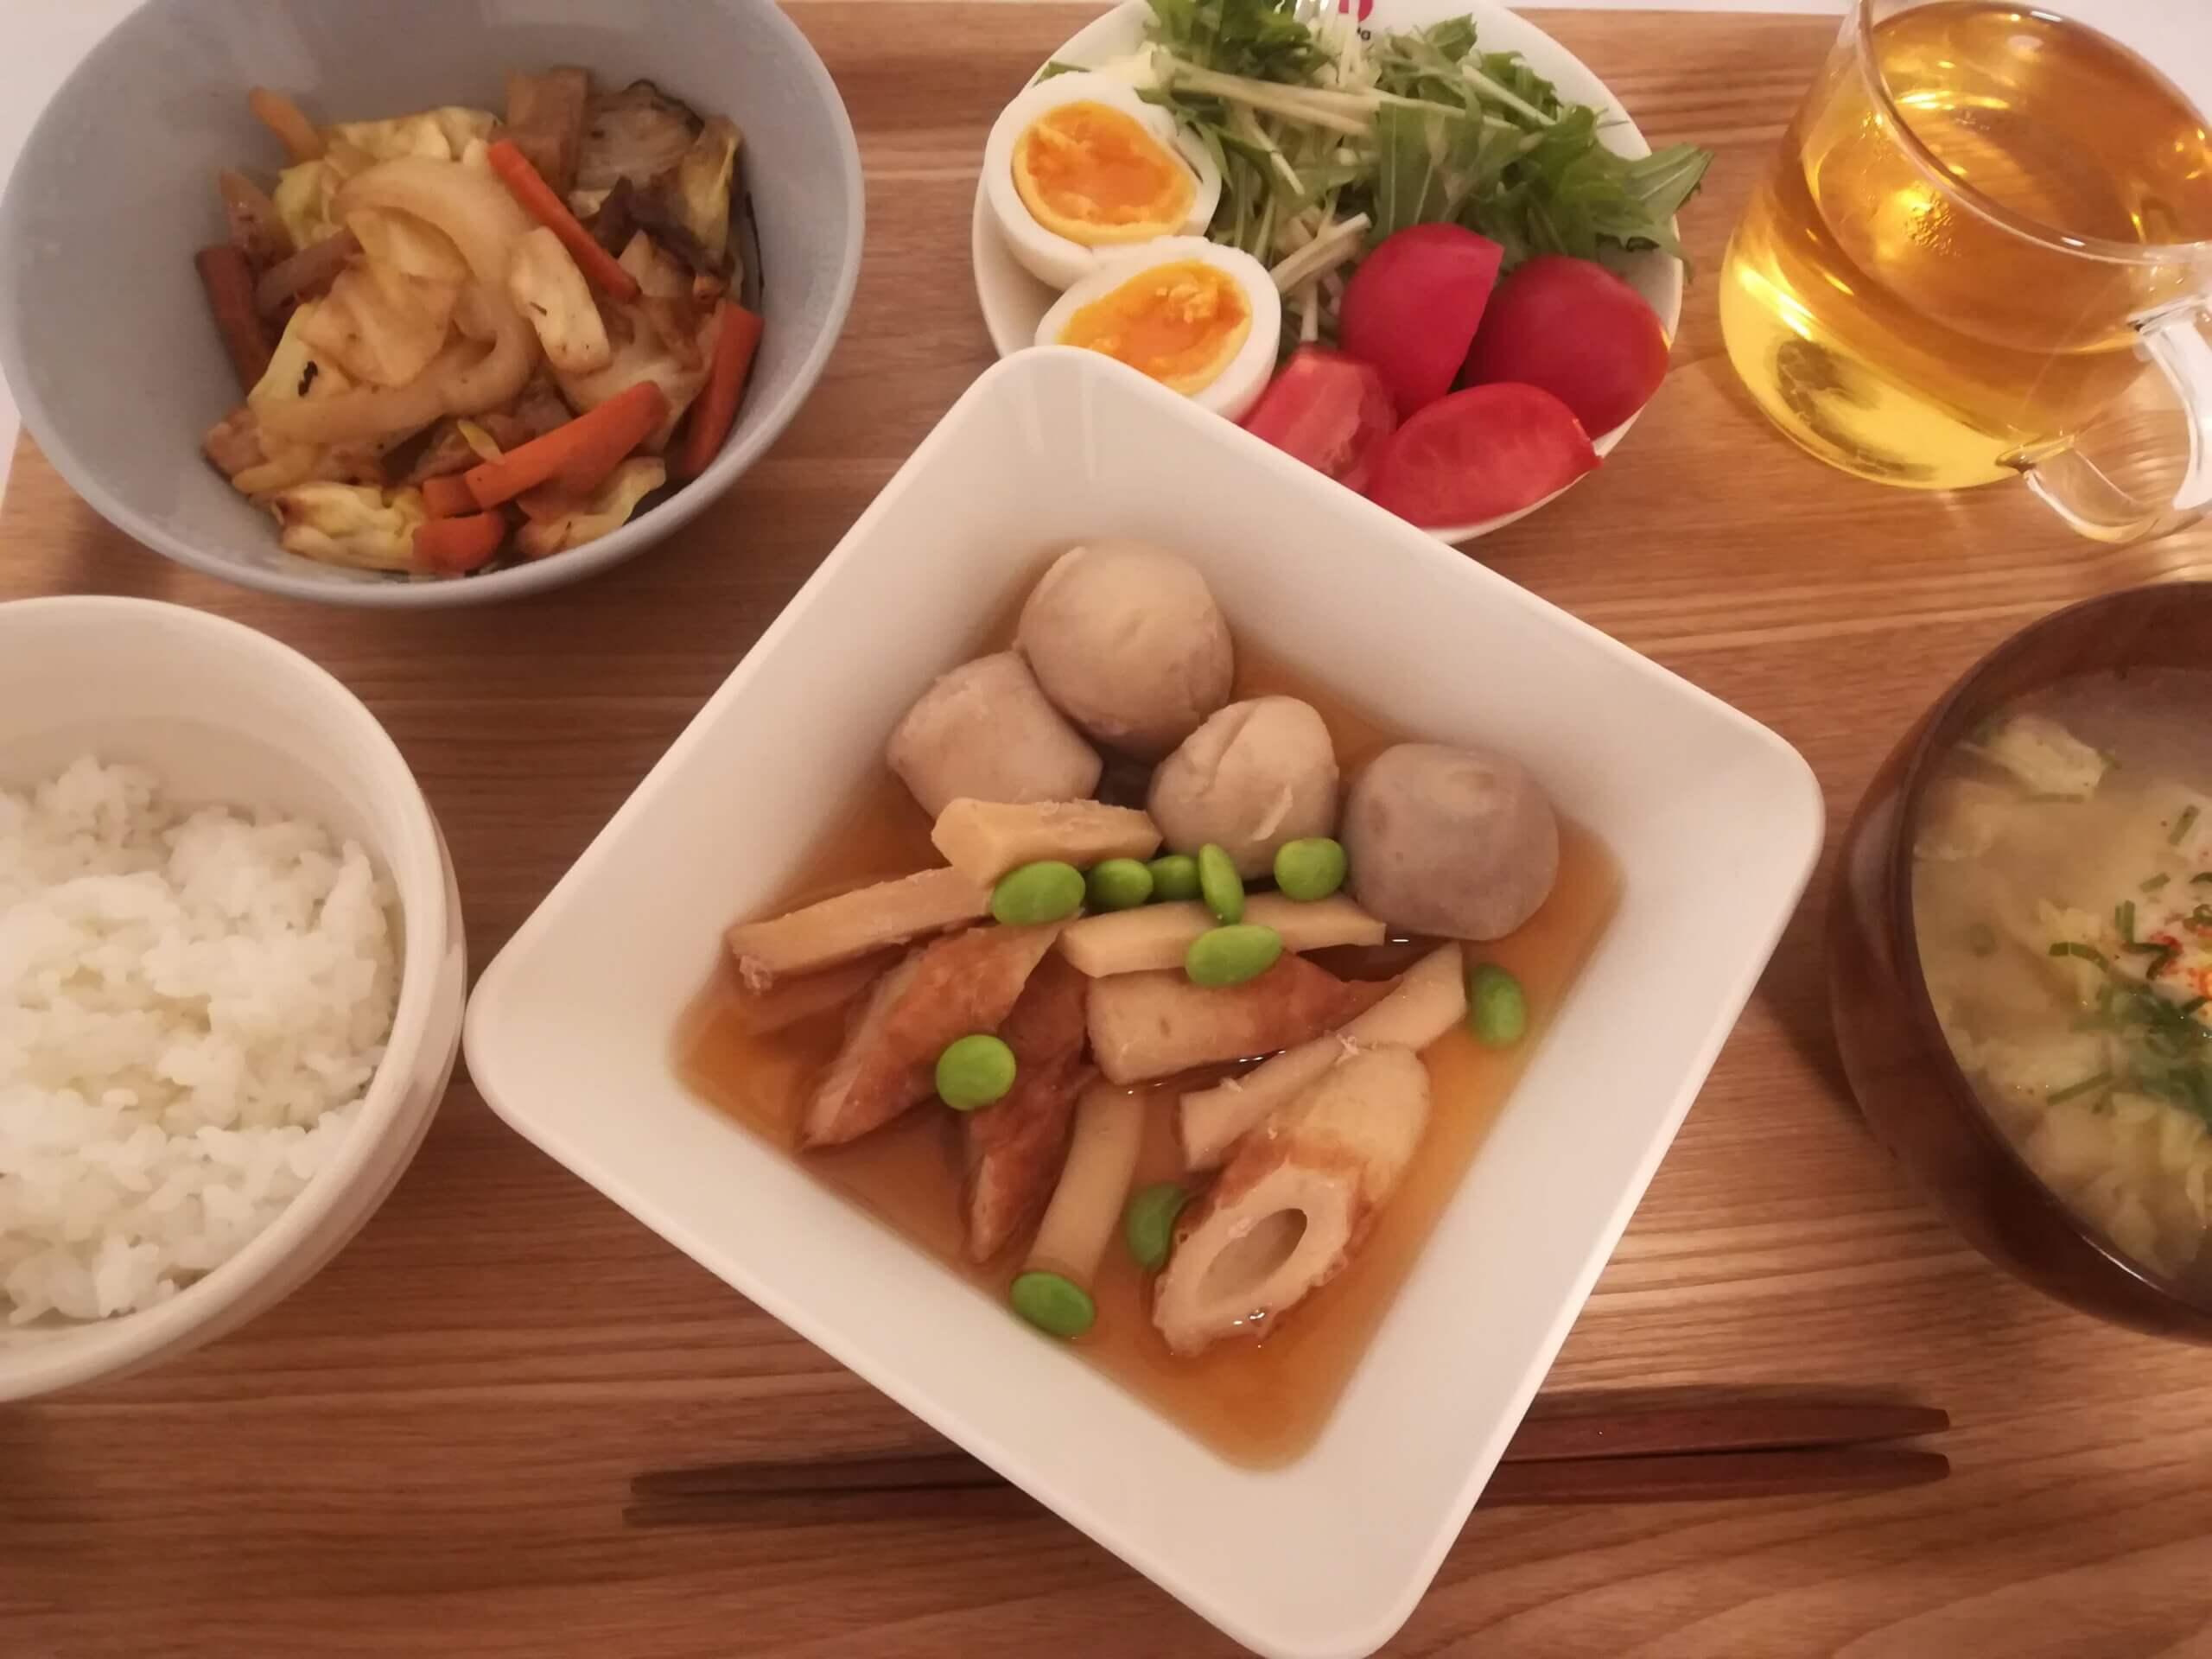 シナモンシュガートースト/イカと里芋の煮物/マルセイバターサンド